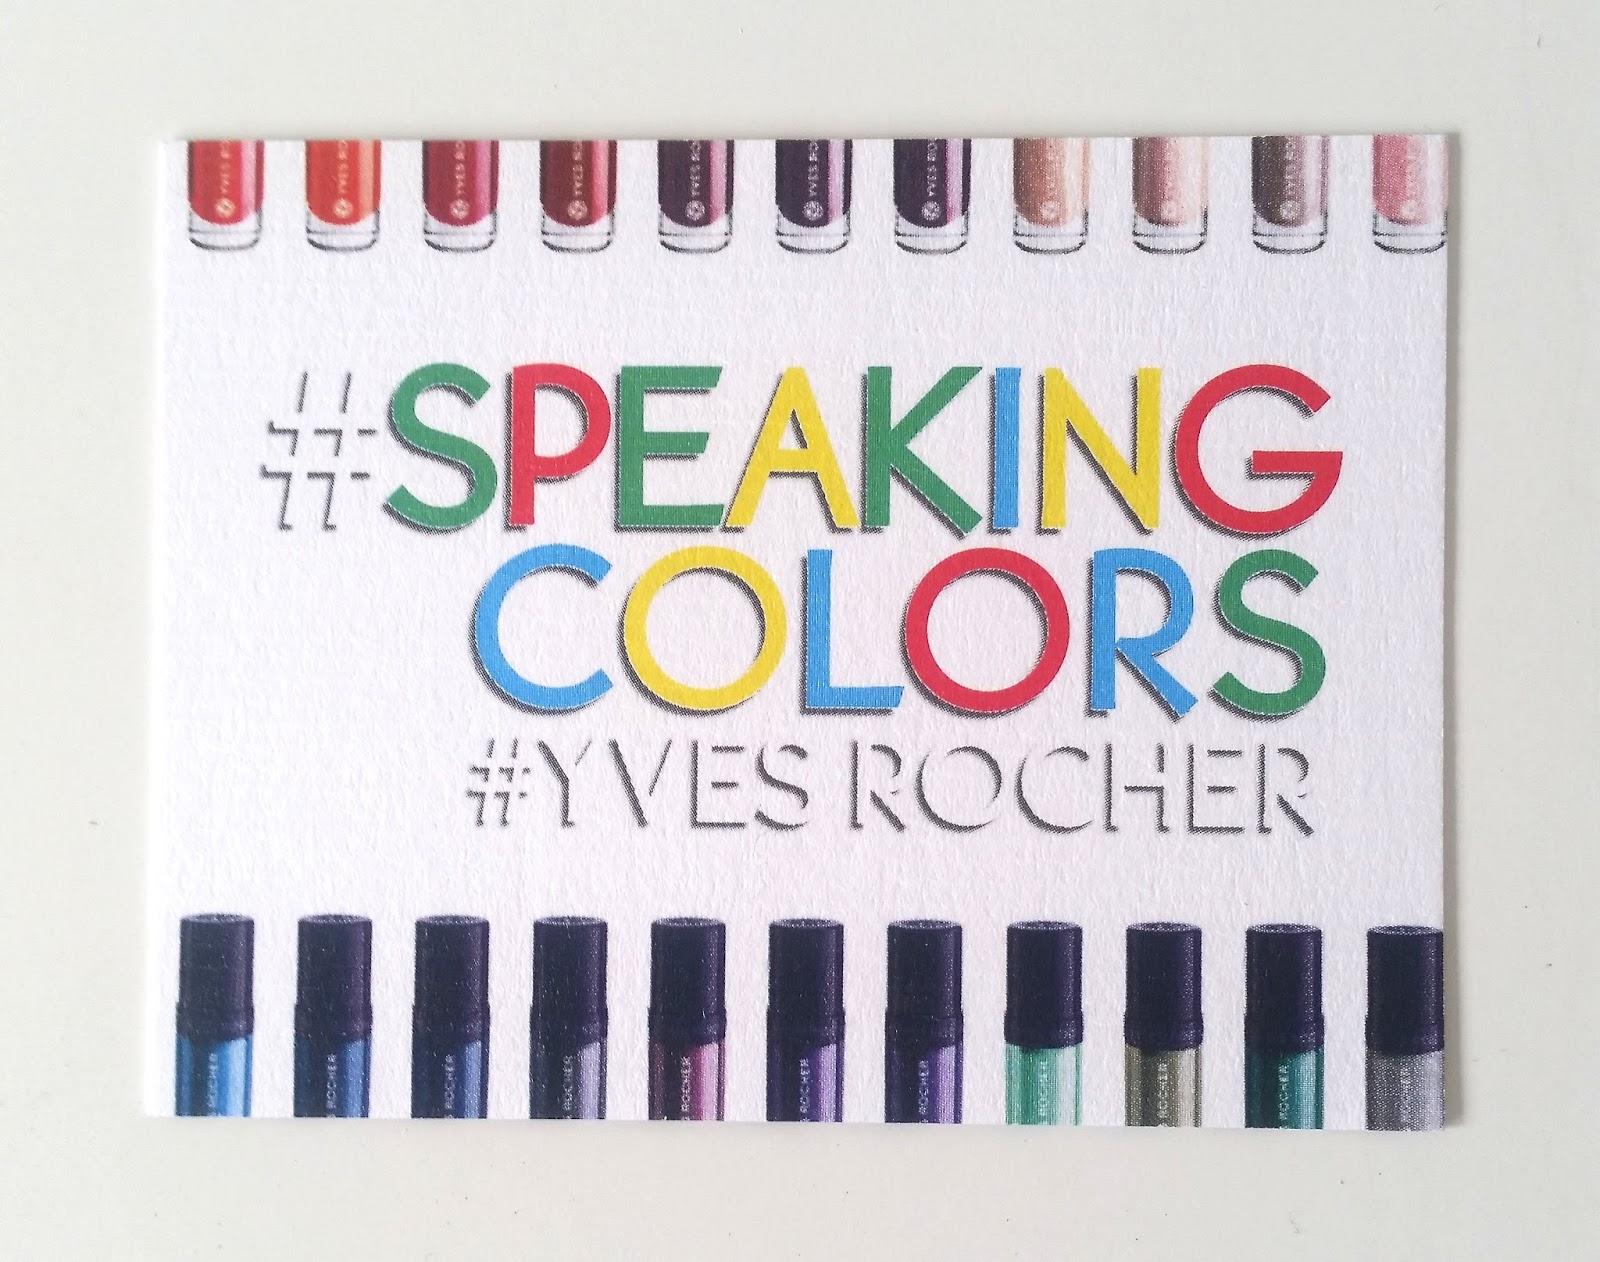 http://www.yves-rocher.de/control/dynpage/%7Estruct=ARTICLE/%7Epage=1505SPEAKINGCOLORS